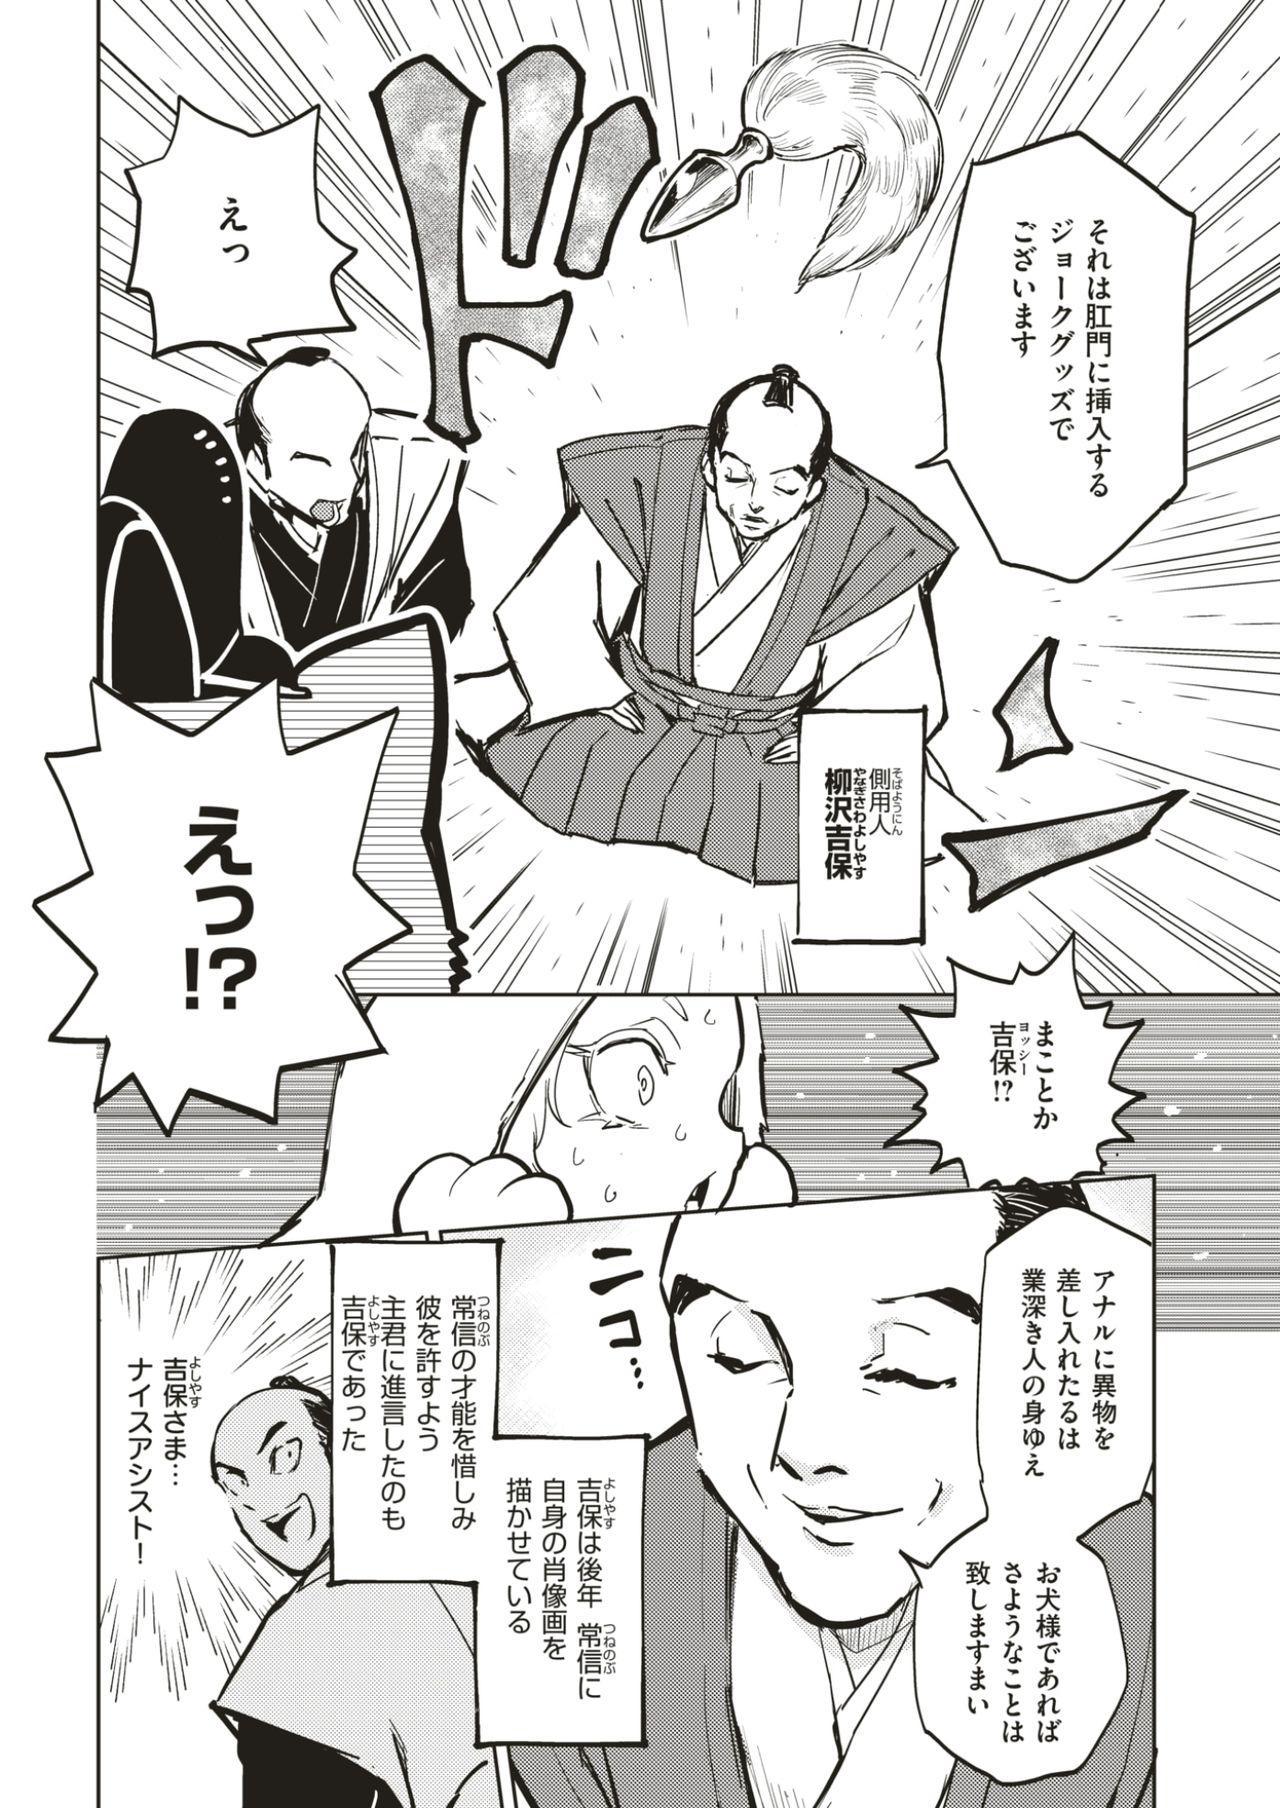 COMIC Kairakuten BEAST 2017-07 336